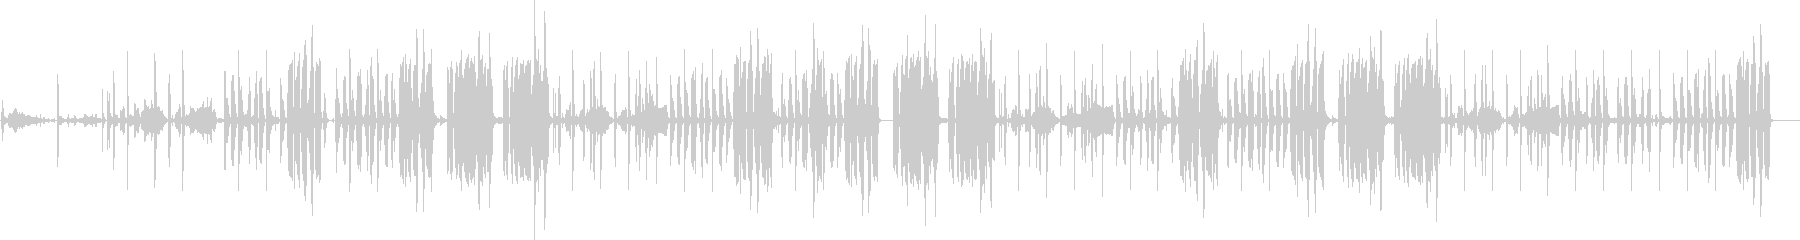 低音の入ったリズム曲です。の未再生の波形